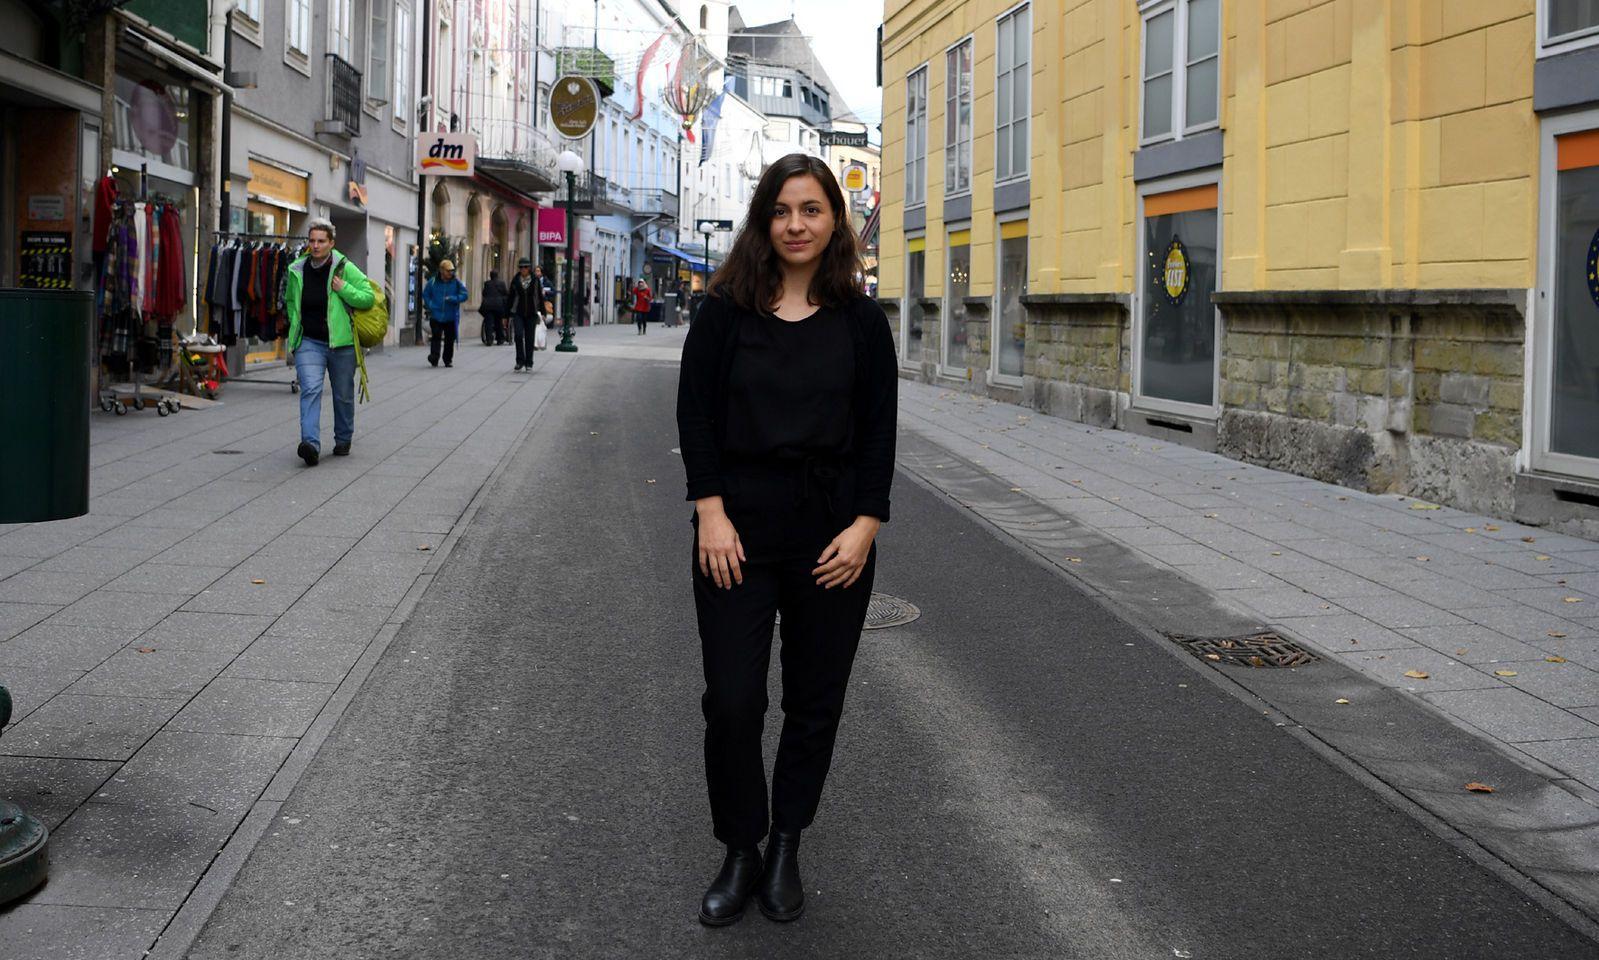 Private Kontakte Hard, dating seiten Salzburg Gaisberg